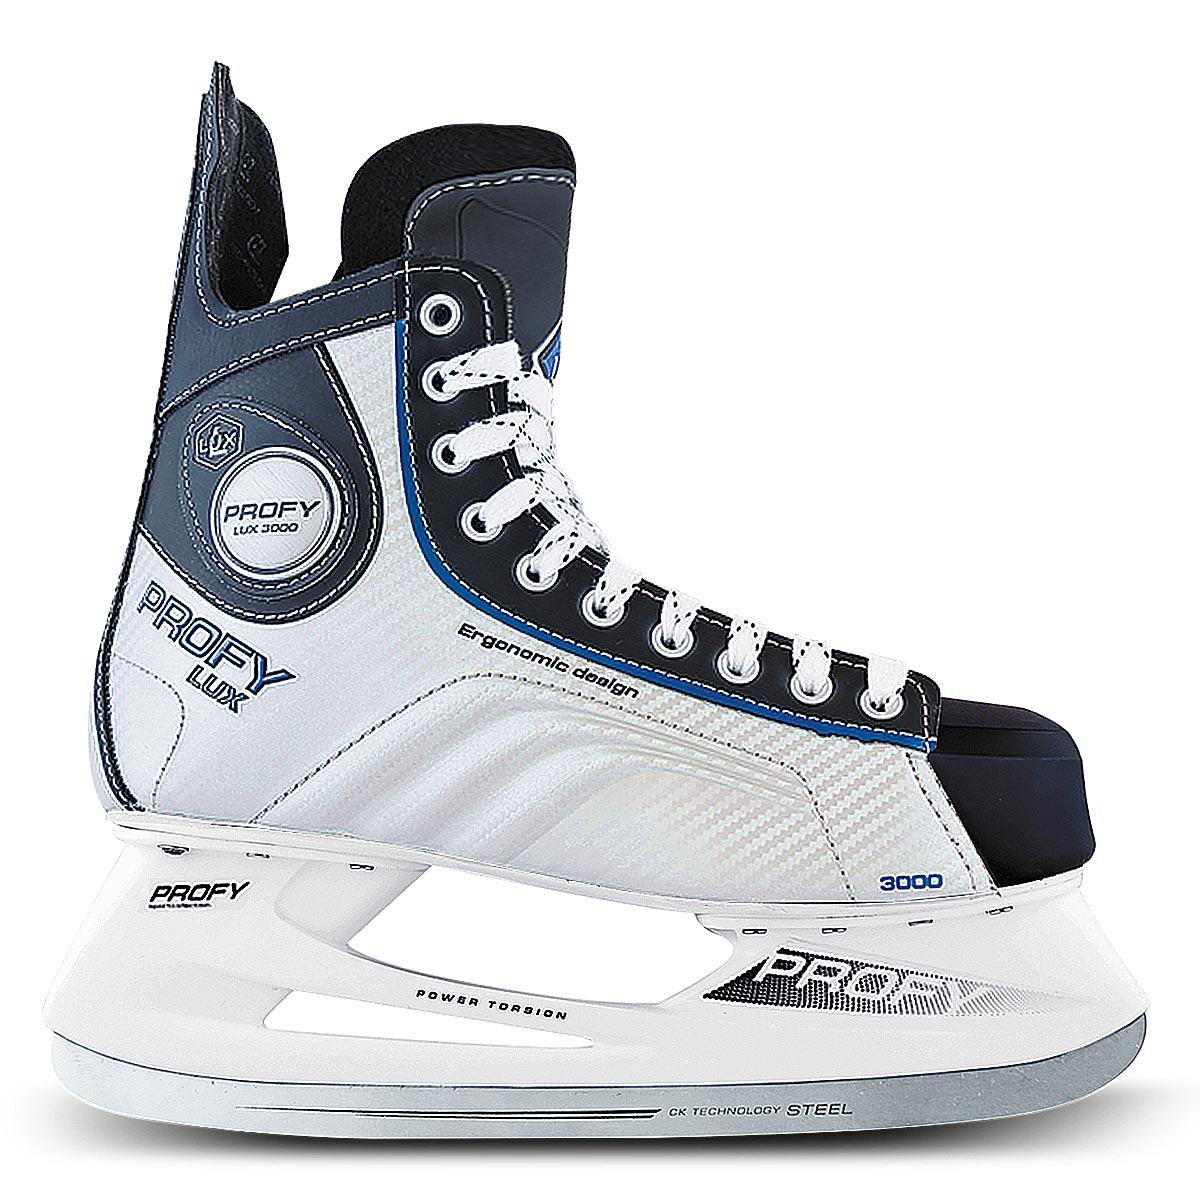 Коньки хоккейные мужские СК Profy Lux 3000, цвет: черный, серебряный, синий. Размер 44 PROFY LUX 3000 Blue_44